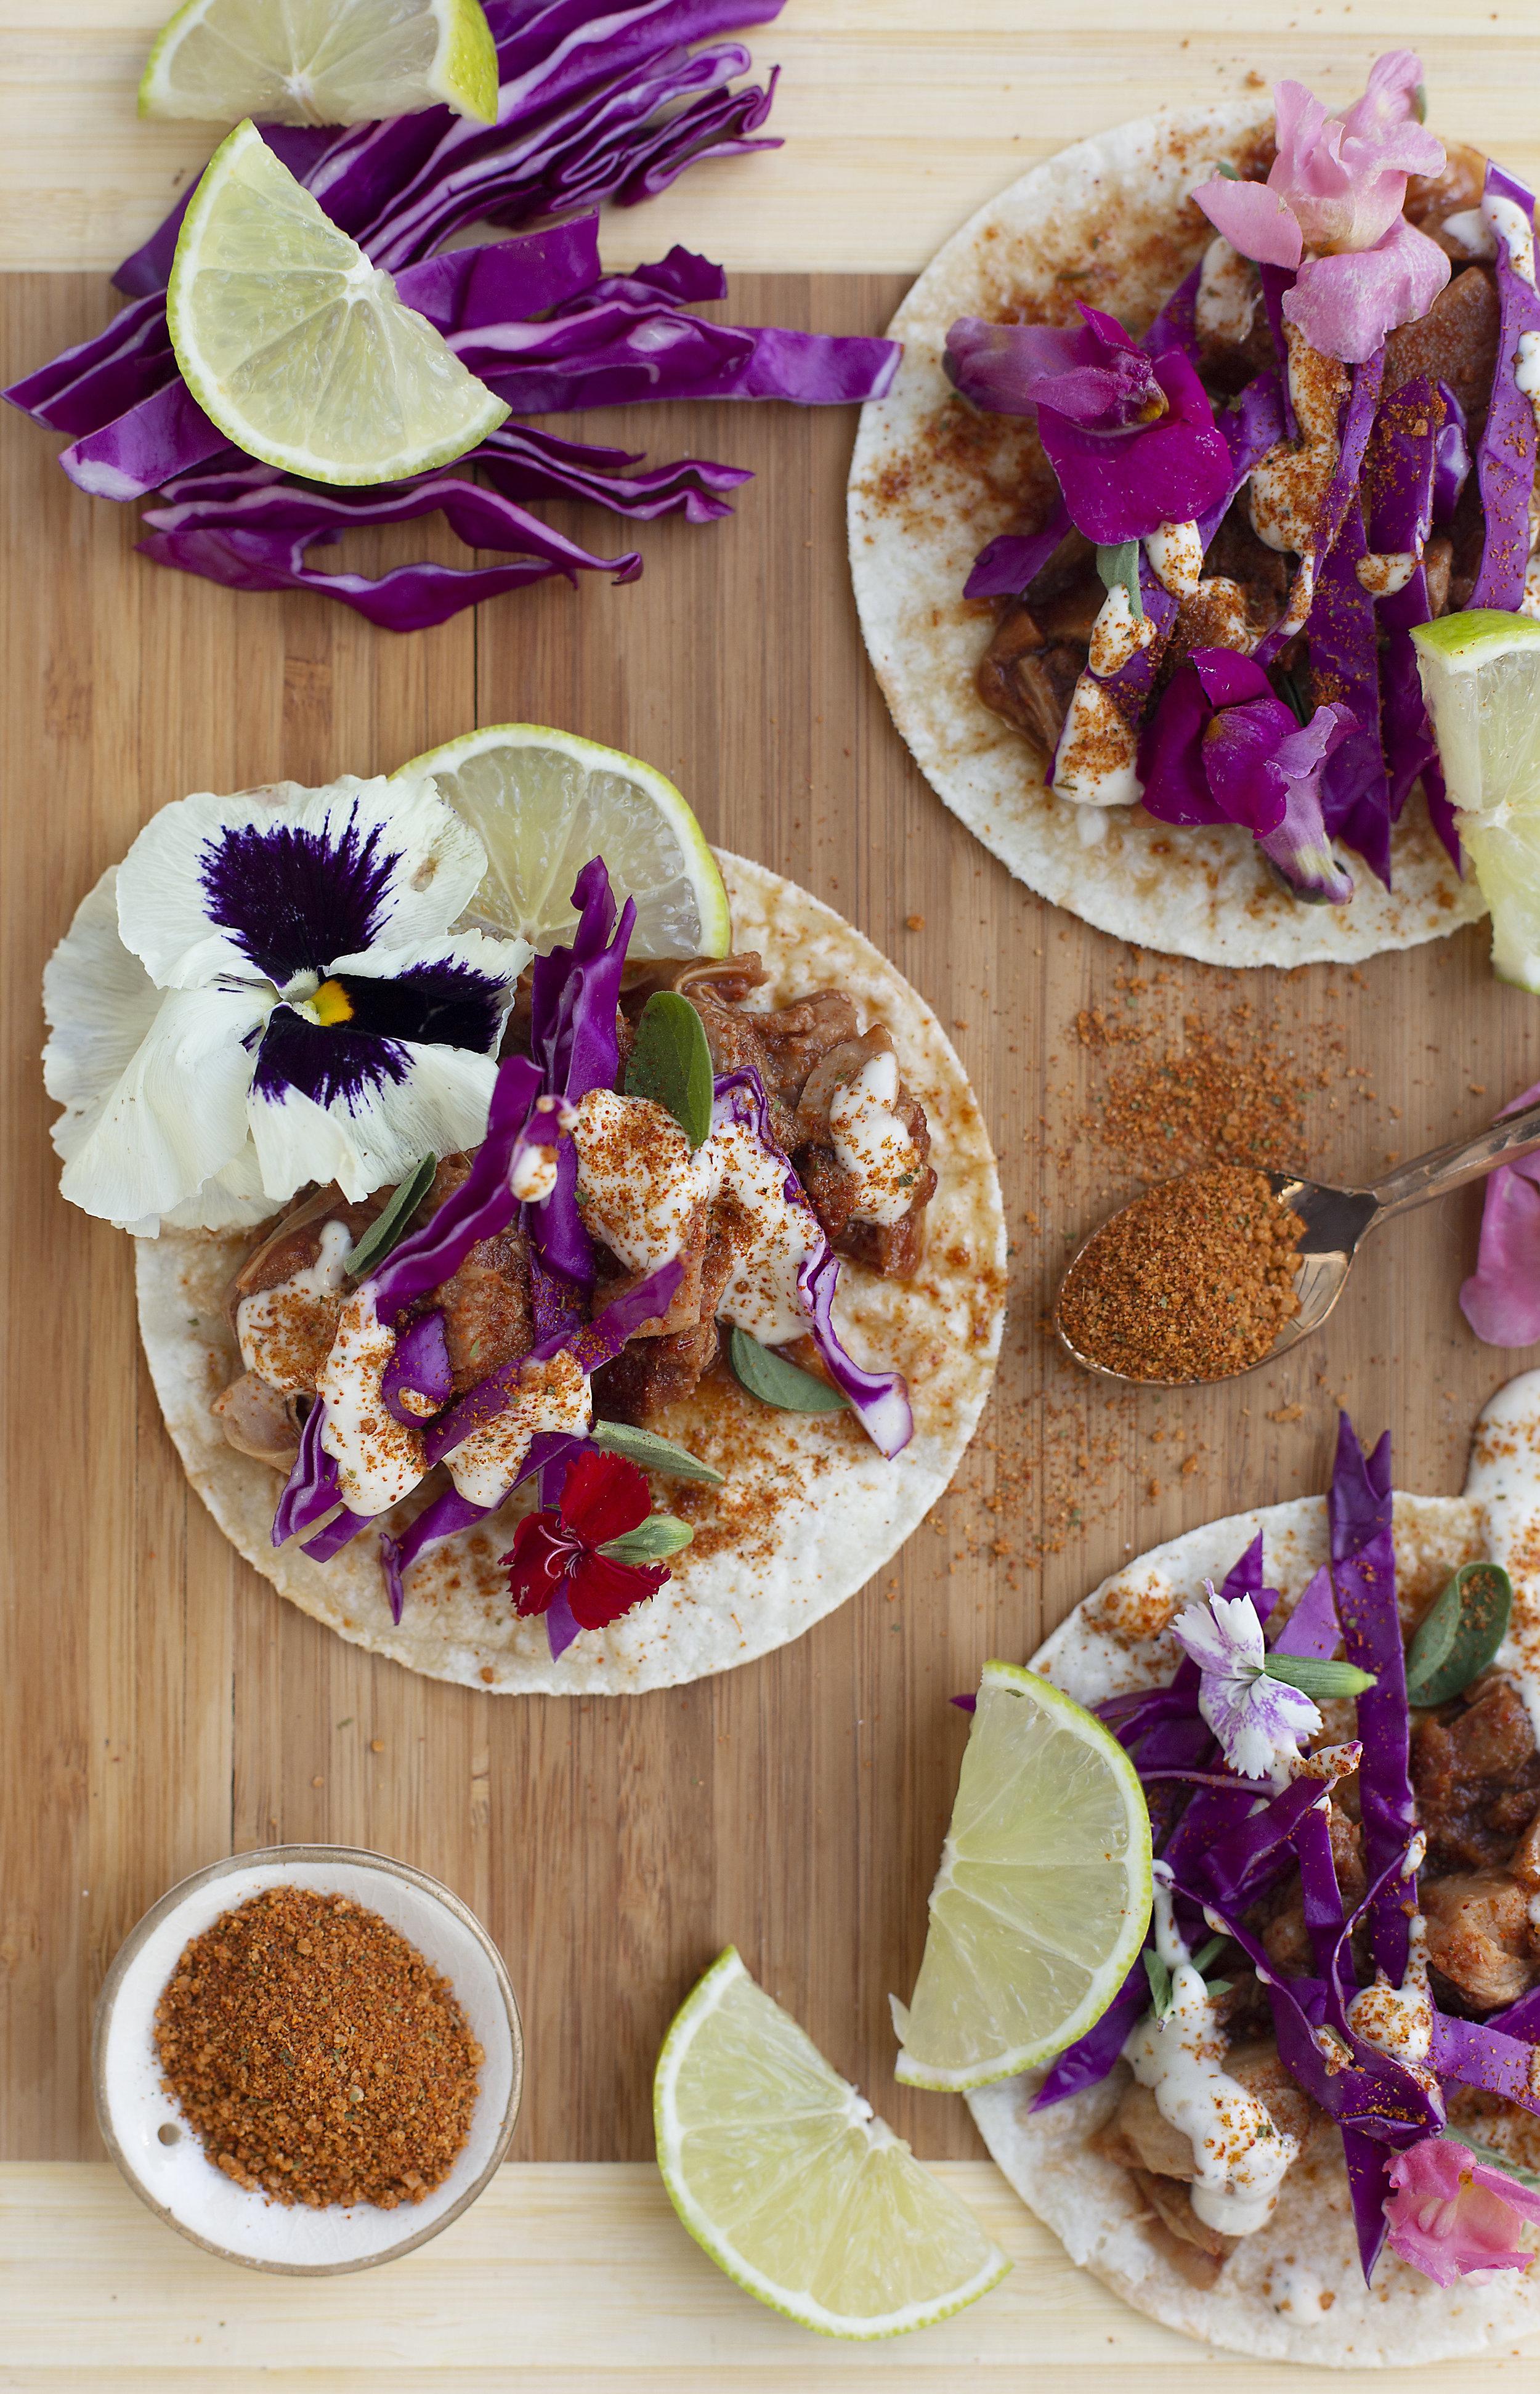 Seattle Food Photography Studio